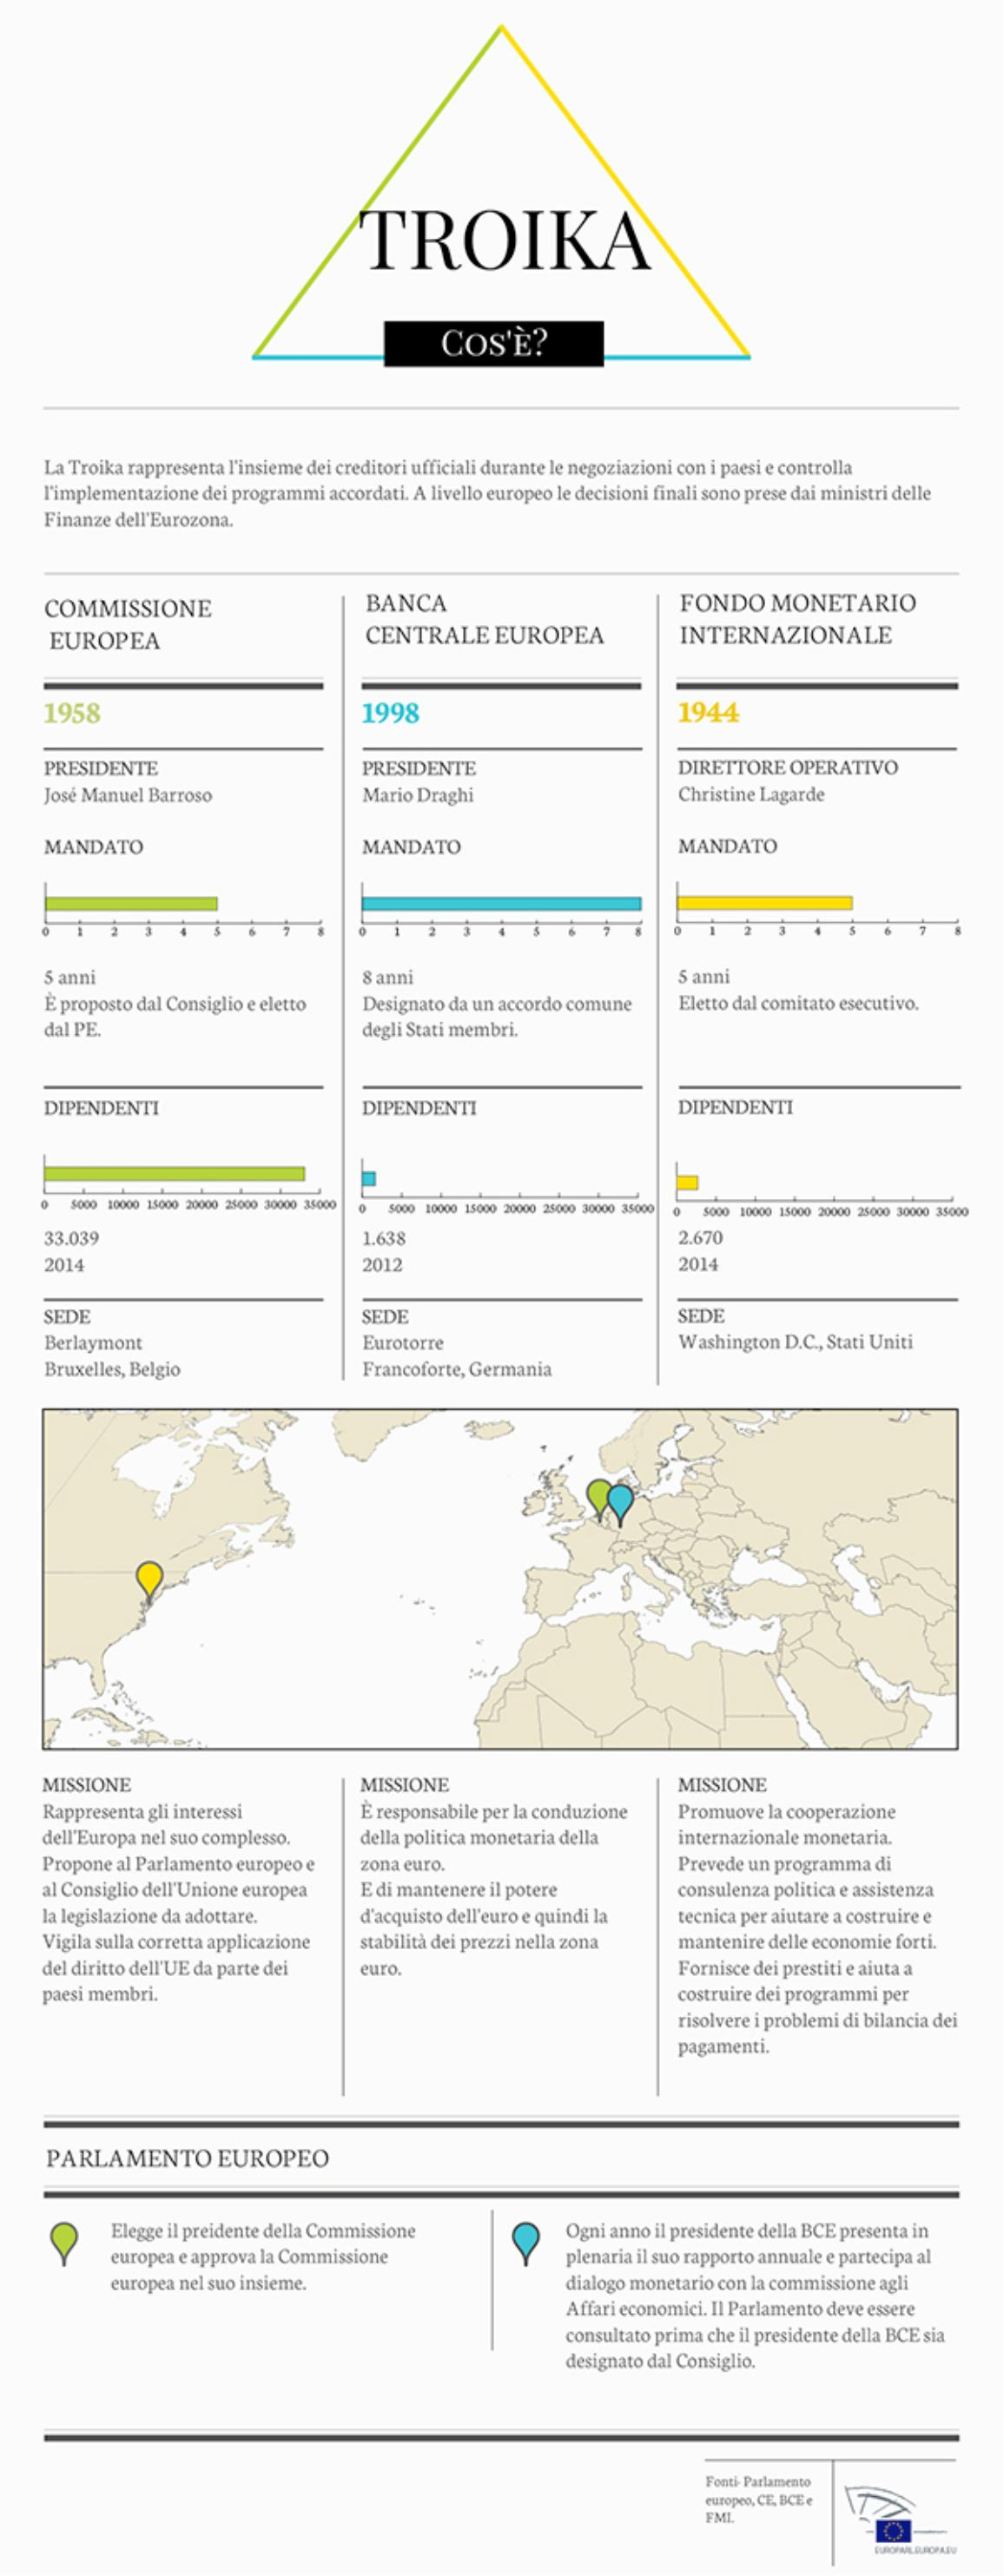 Infografica sulla Troika europea